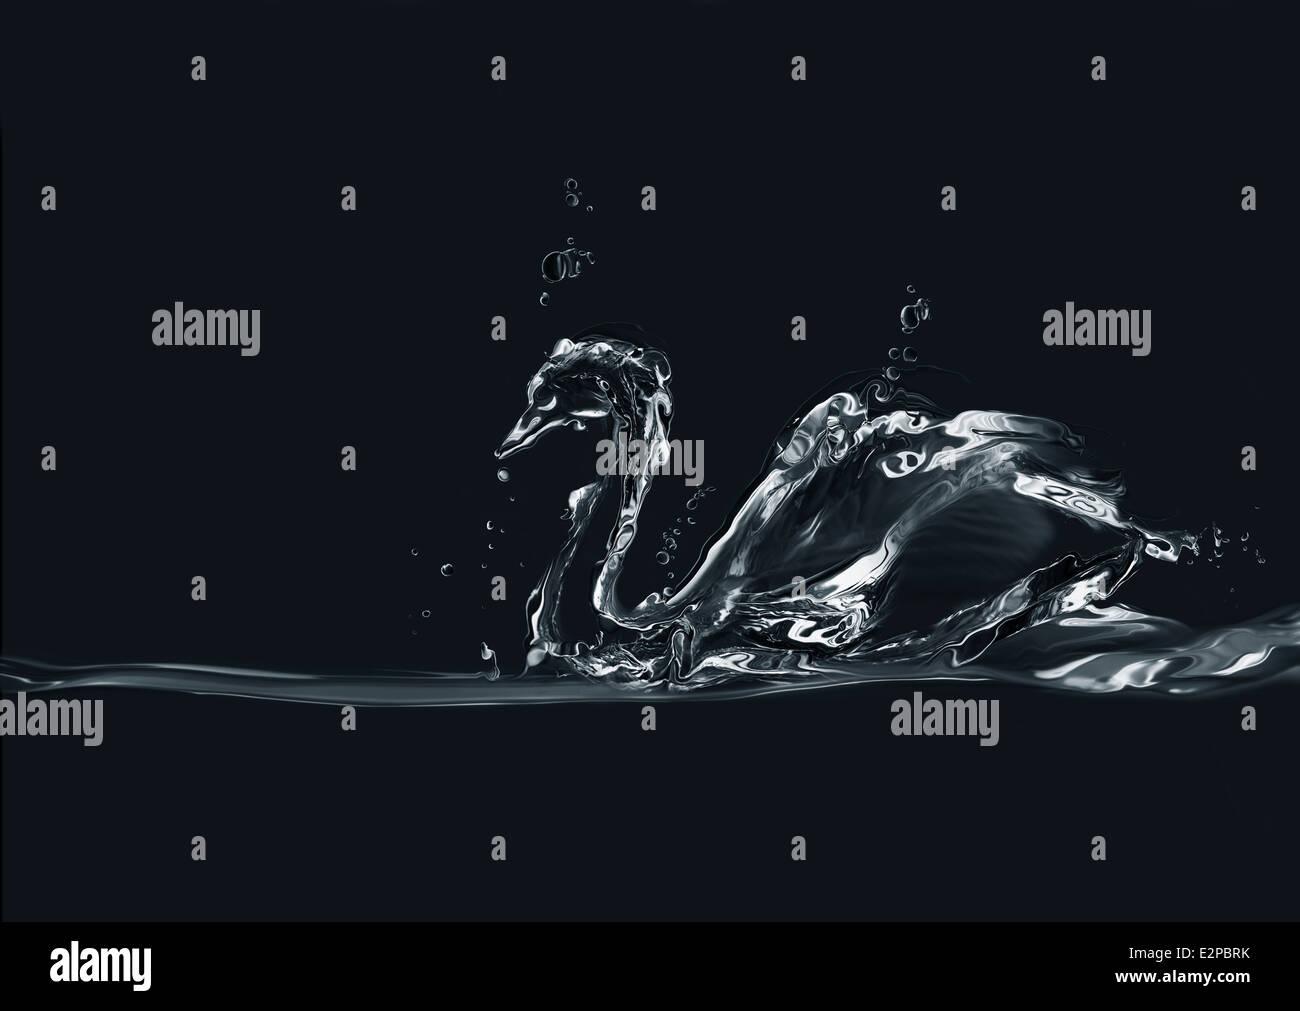 Eine Silhouette eines Schwans des Wassers auf schwarzen Hintergrund gemacht. Stockbild